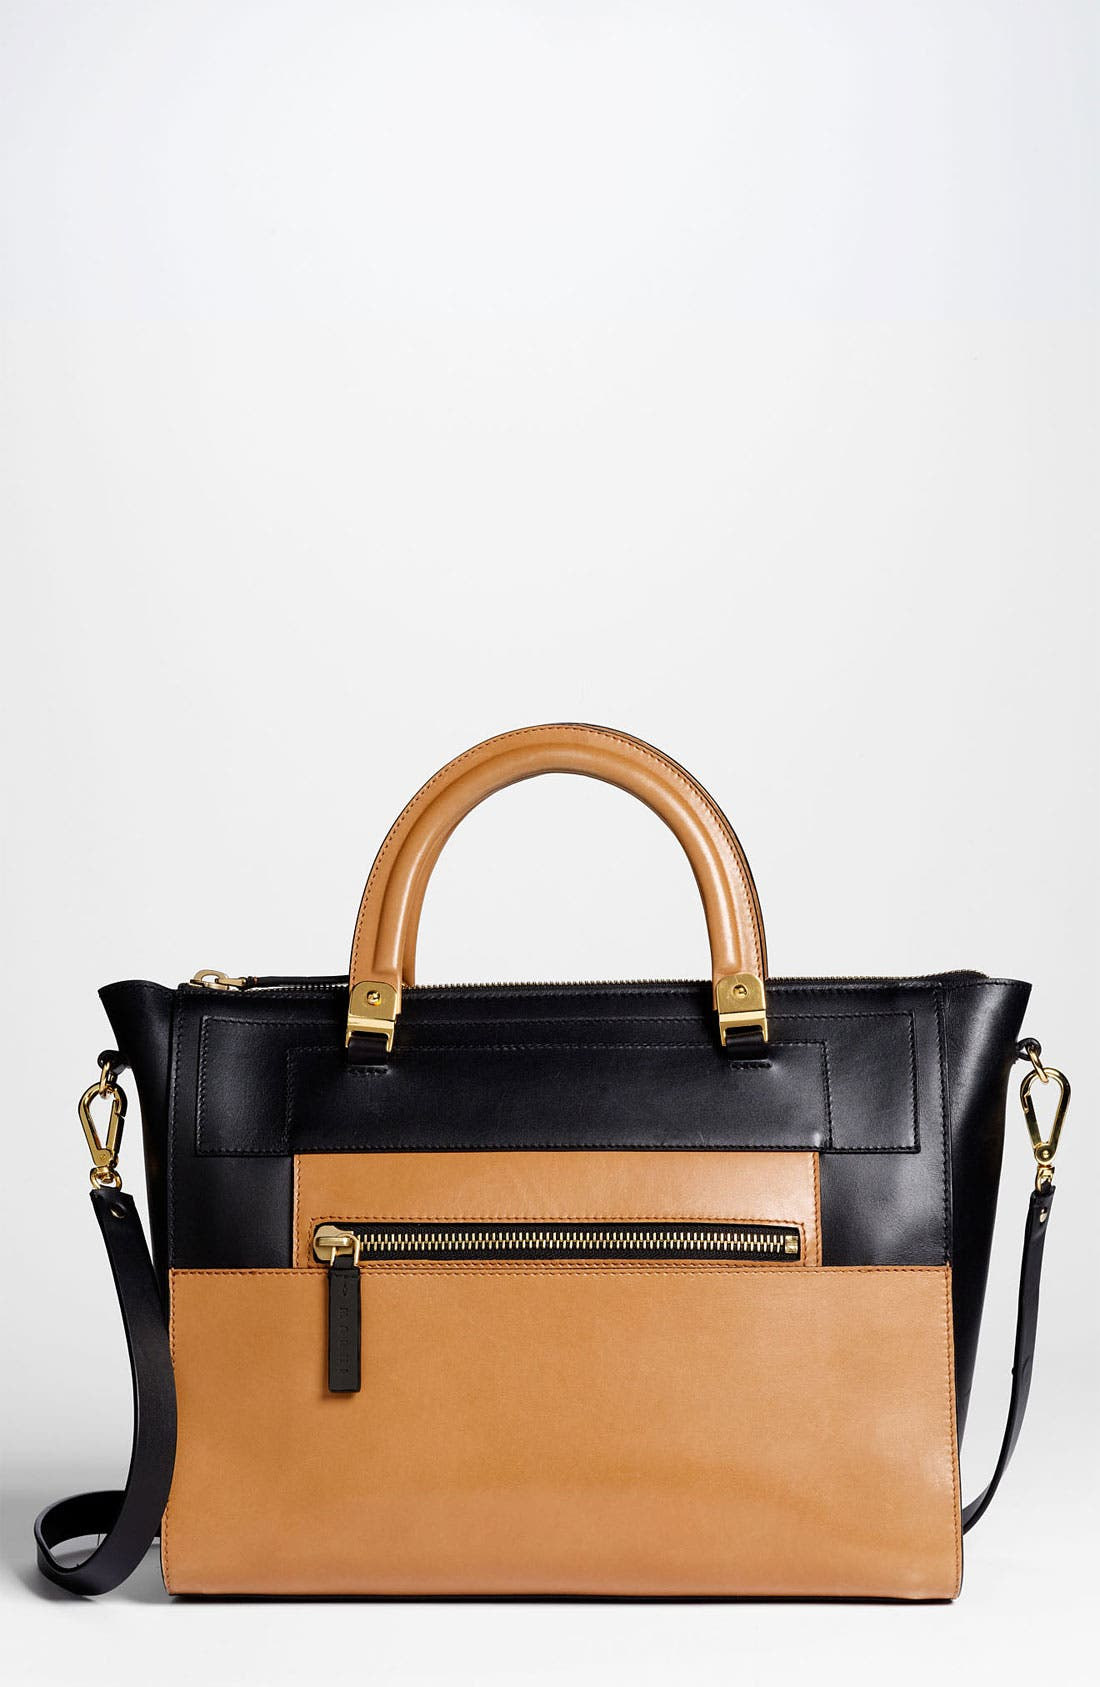 Main Image - Marni 'Medium' Leather Tote